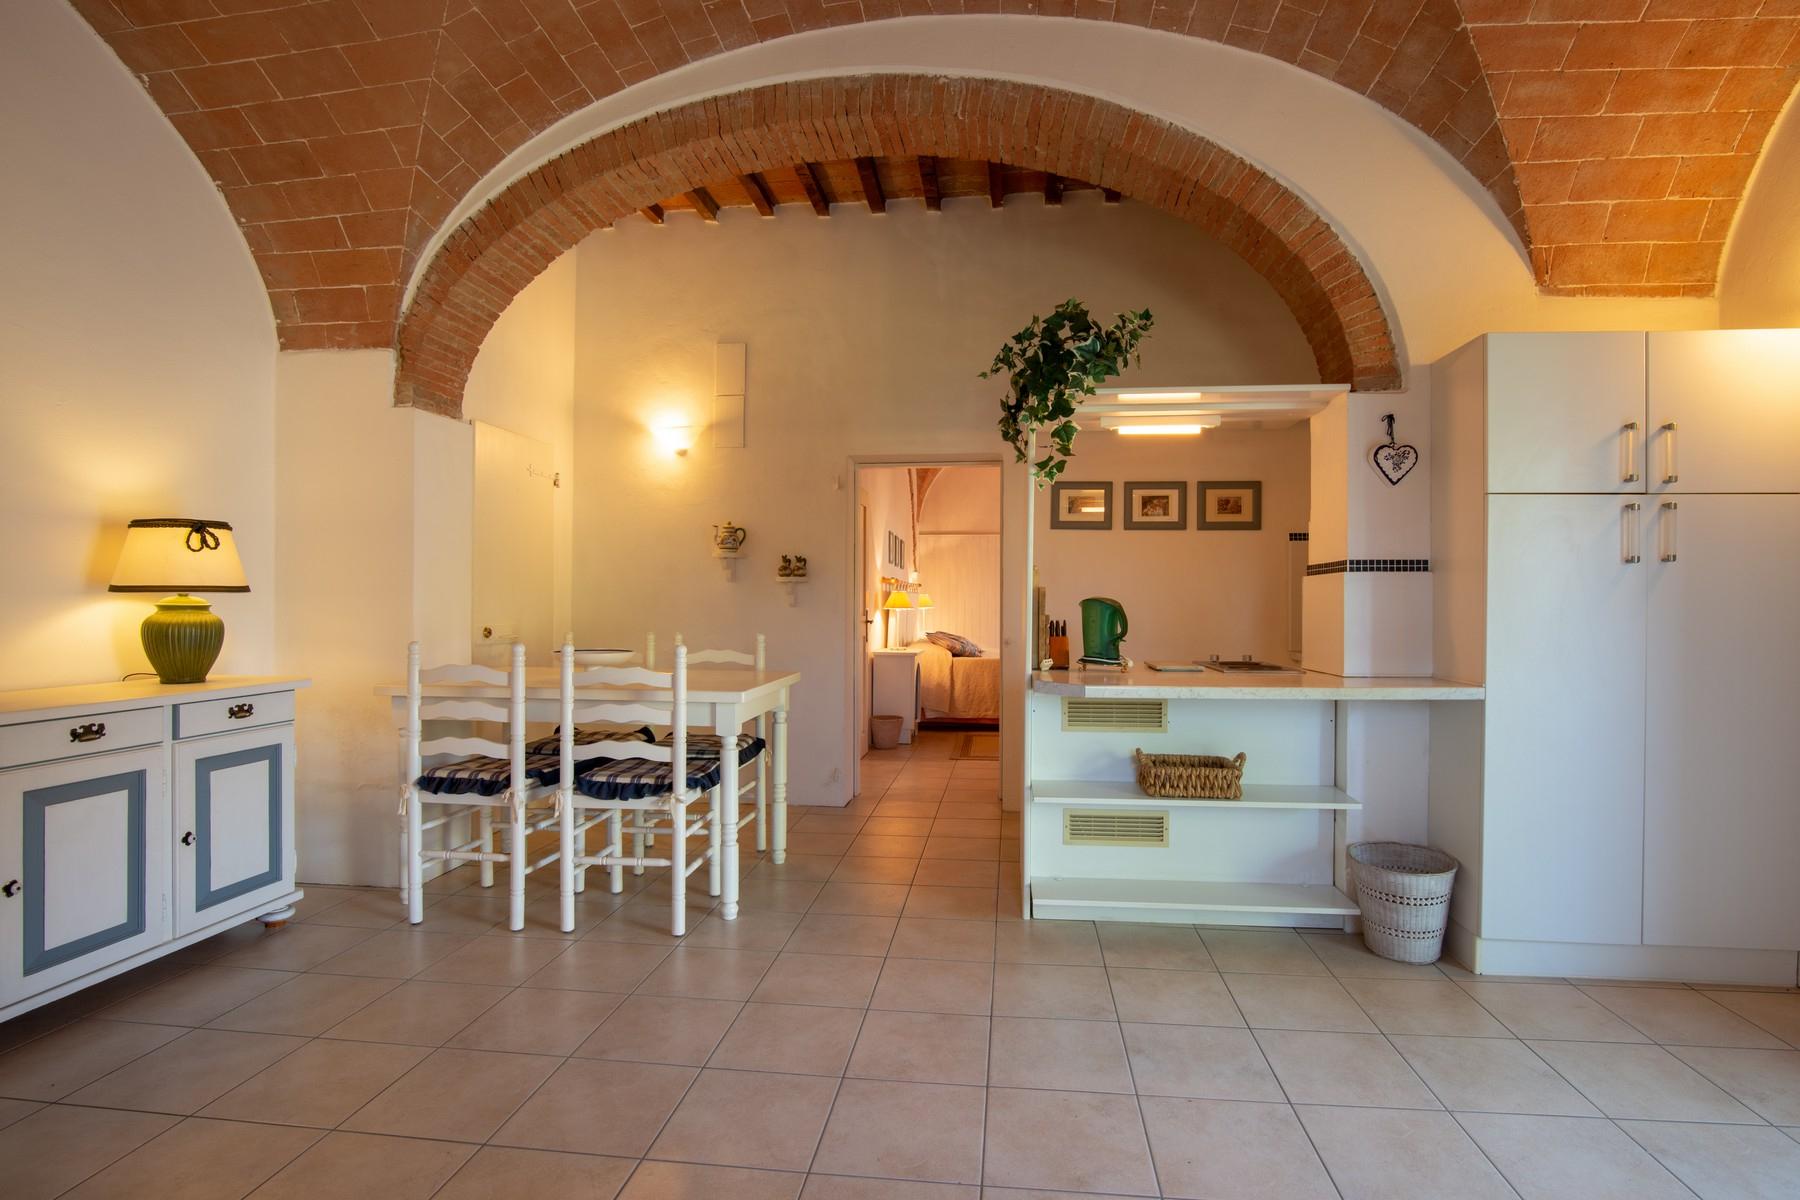 Rustico in Vendita a San Gimignano: 5 locali, 615 mq - Foto 13